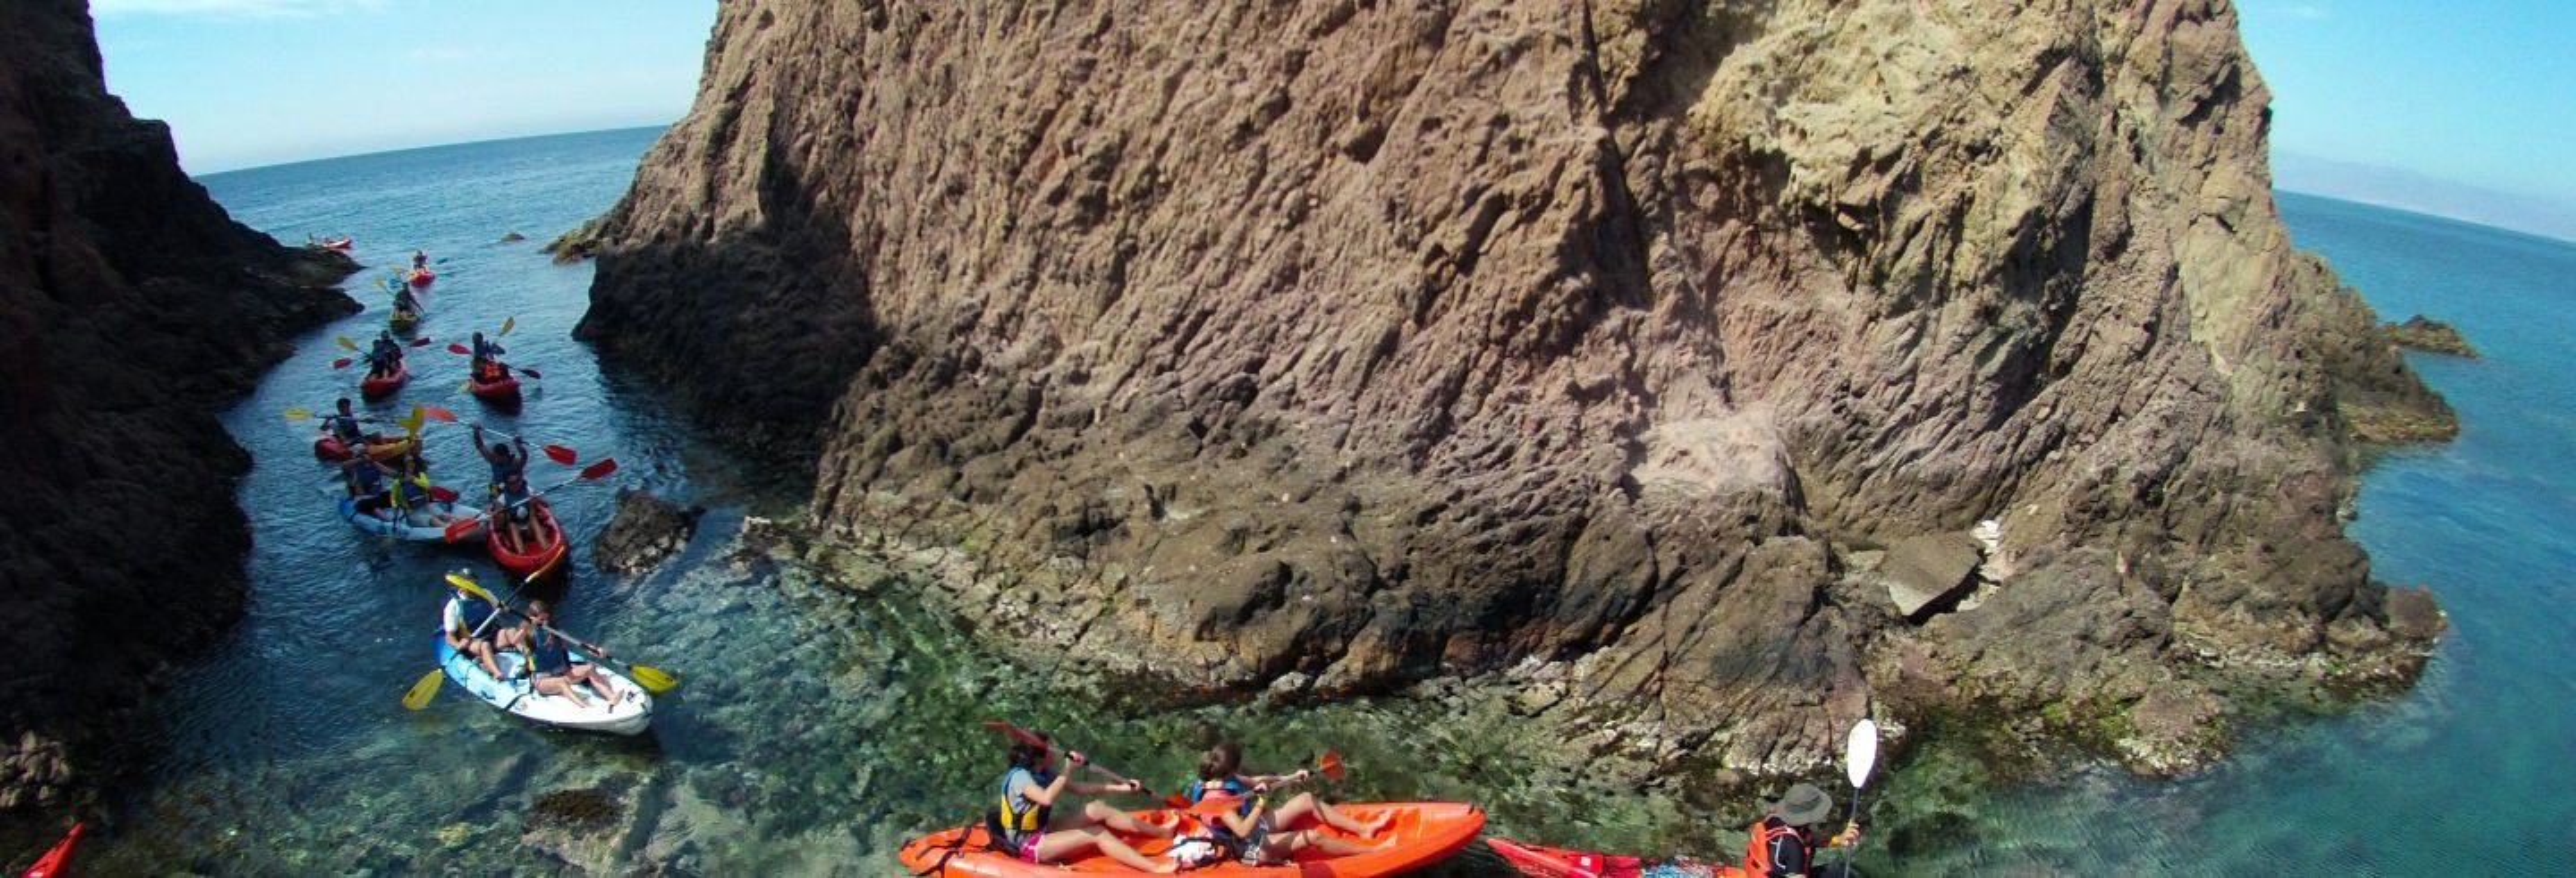 Caiaque + snorkel pelo Cabo de Gata